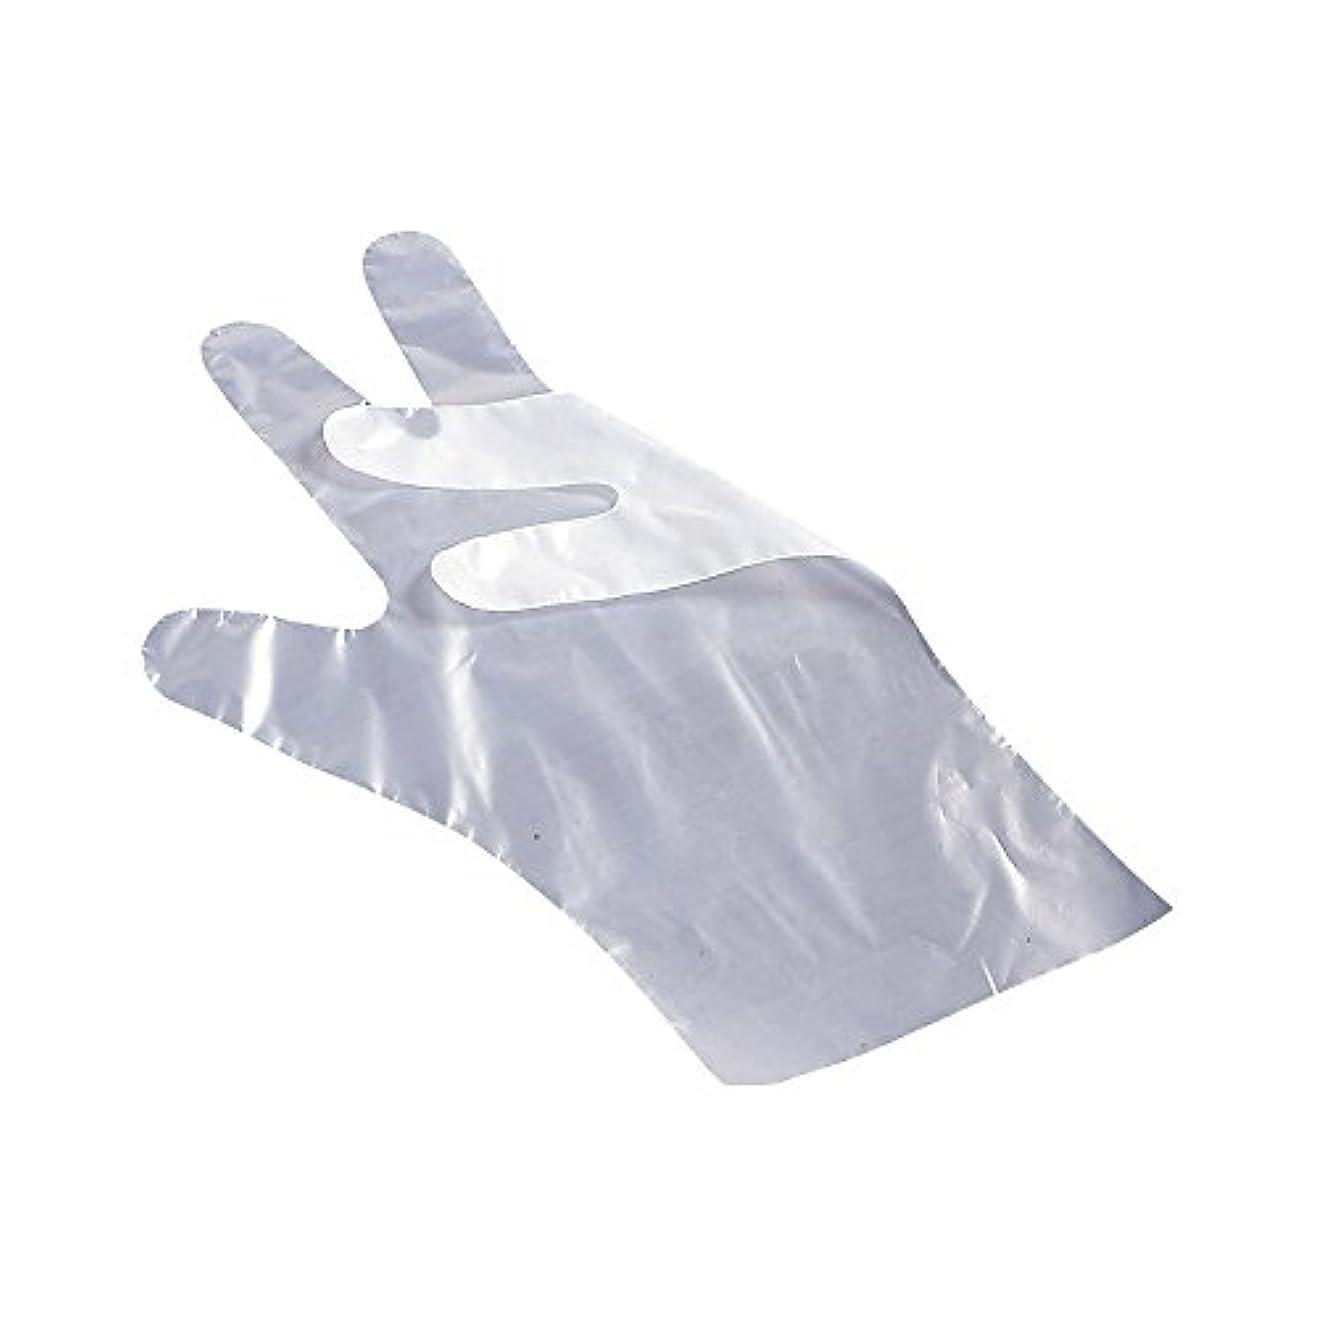 閲覧するプレミアム瞑想サクラメンエンボス手袋 デラックス 白 S 100枚入